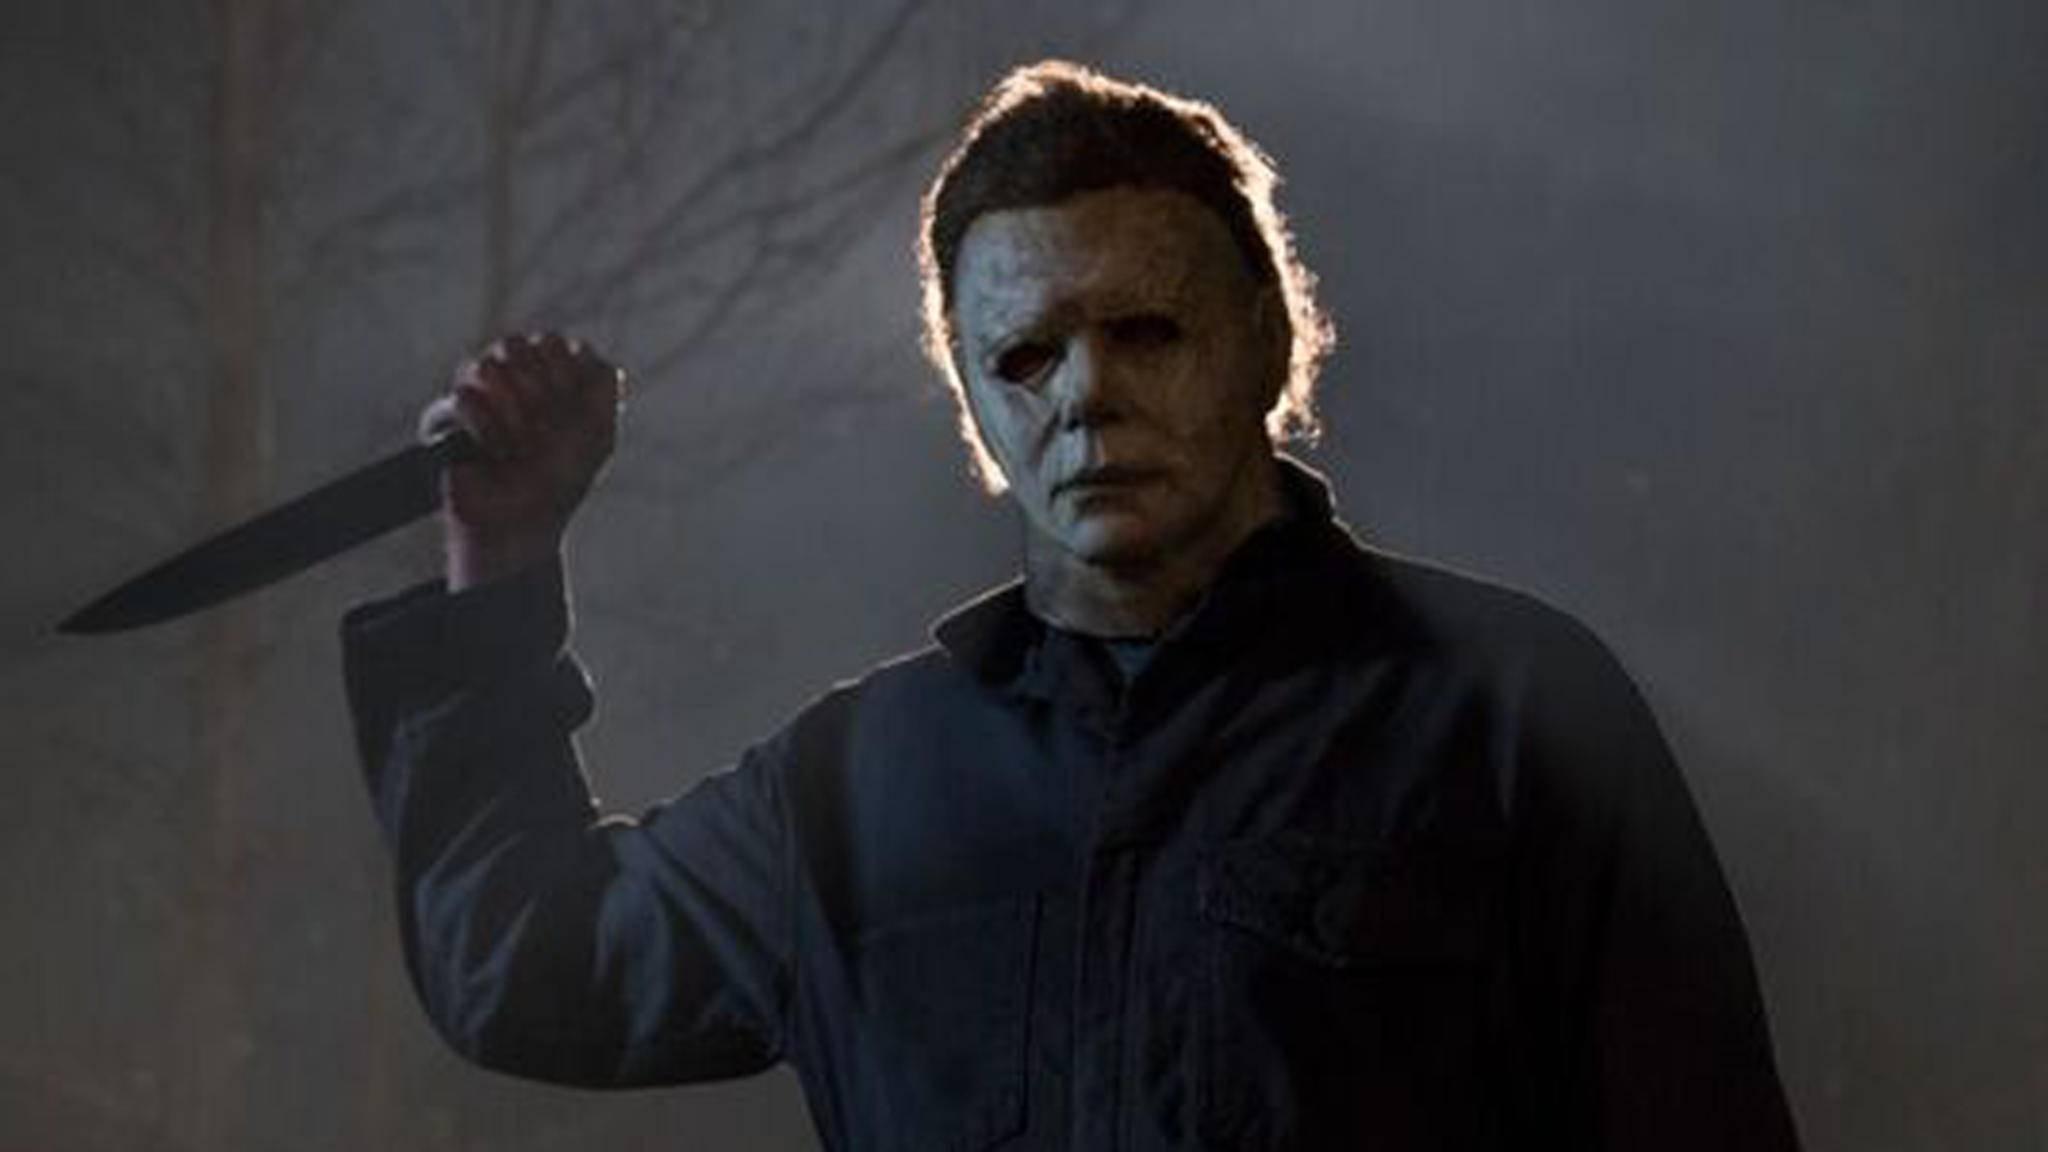 Der ewige Rückkehrer: Michael Myers schwingt in den nächsten Jahren noch einige Male das Messer.